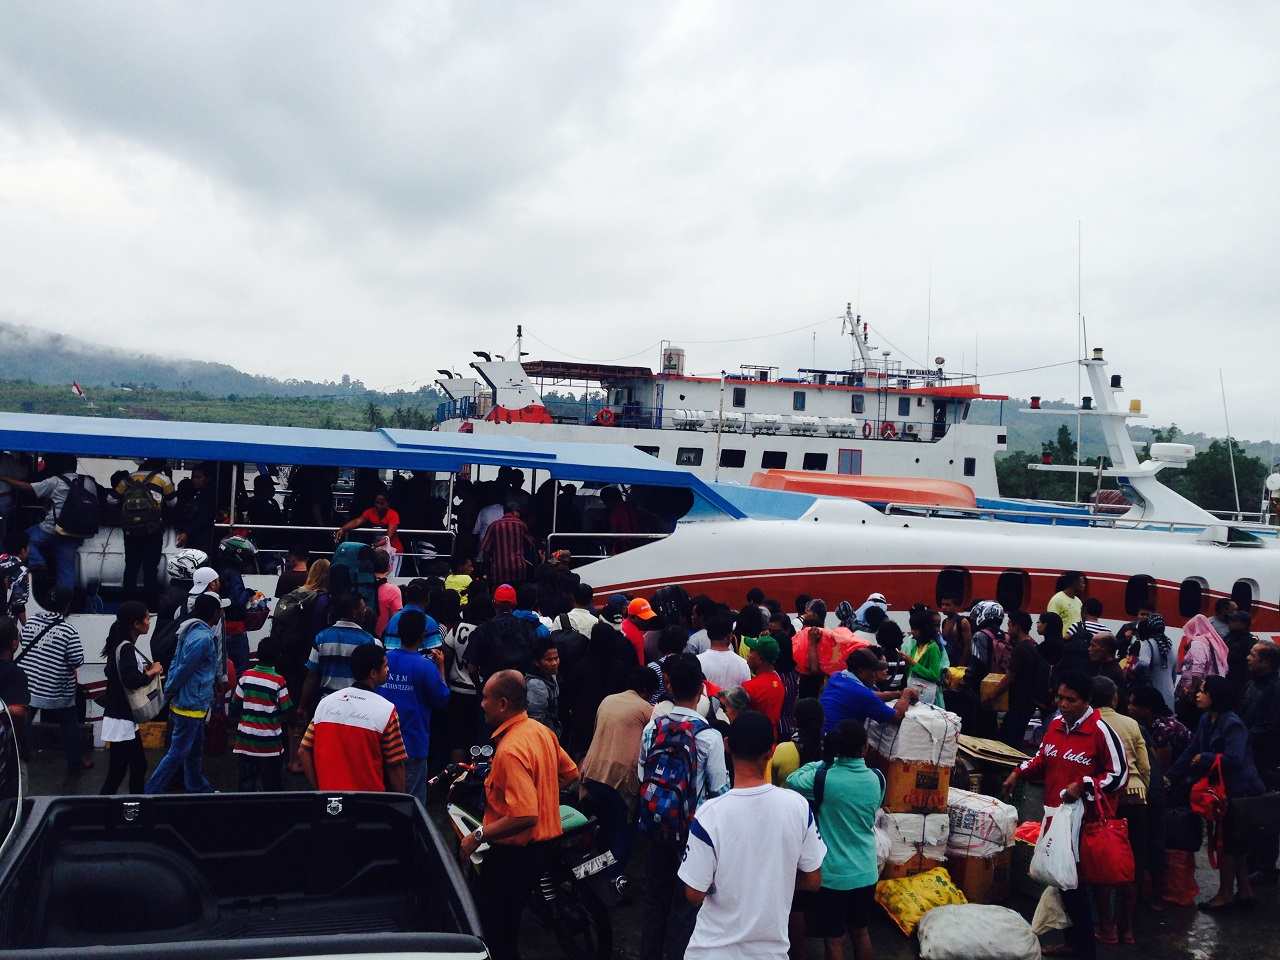 Keramaian di Pelabuhan Hurnala, Ambon. Bersiap menyeberang ke Pelabuhan Amahai